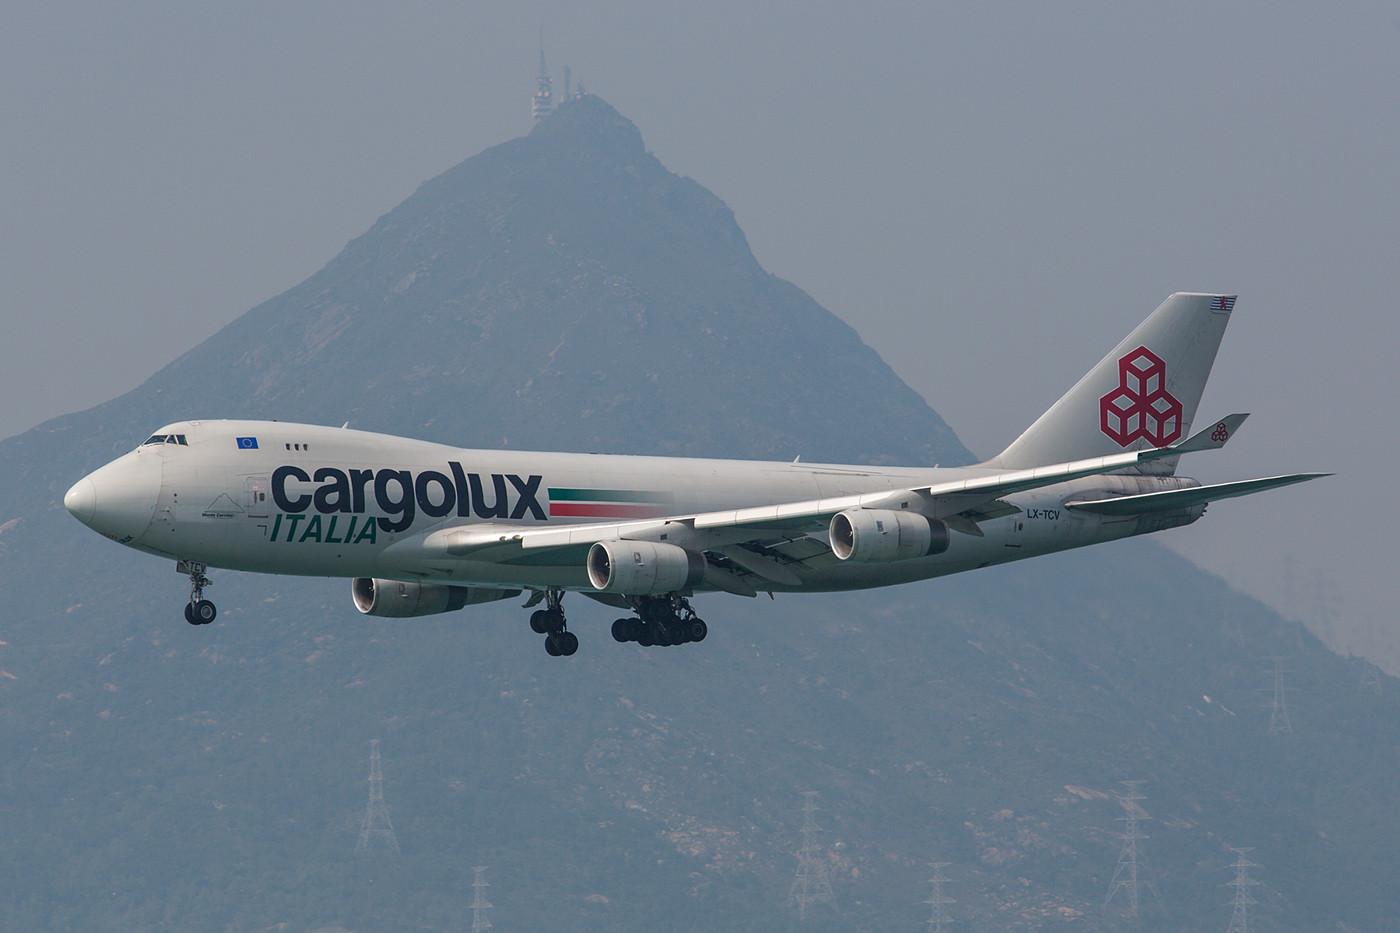 Boeing 747-400F der Cargolux Italia.